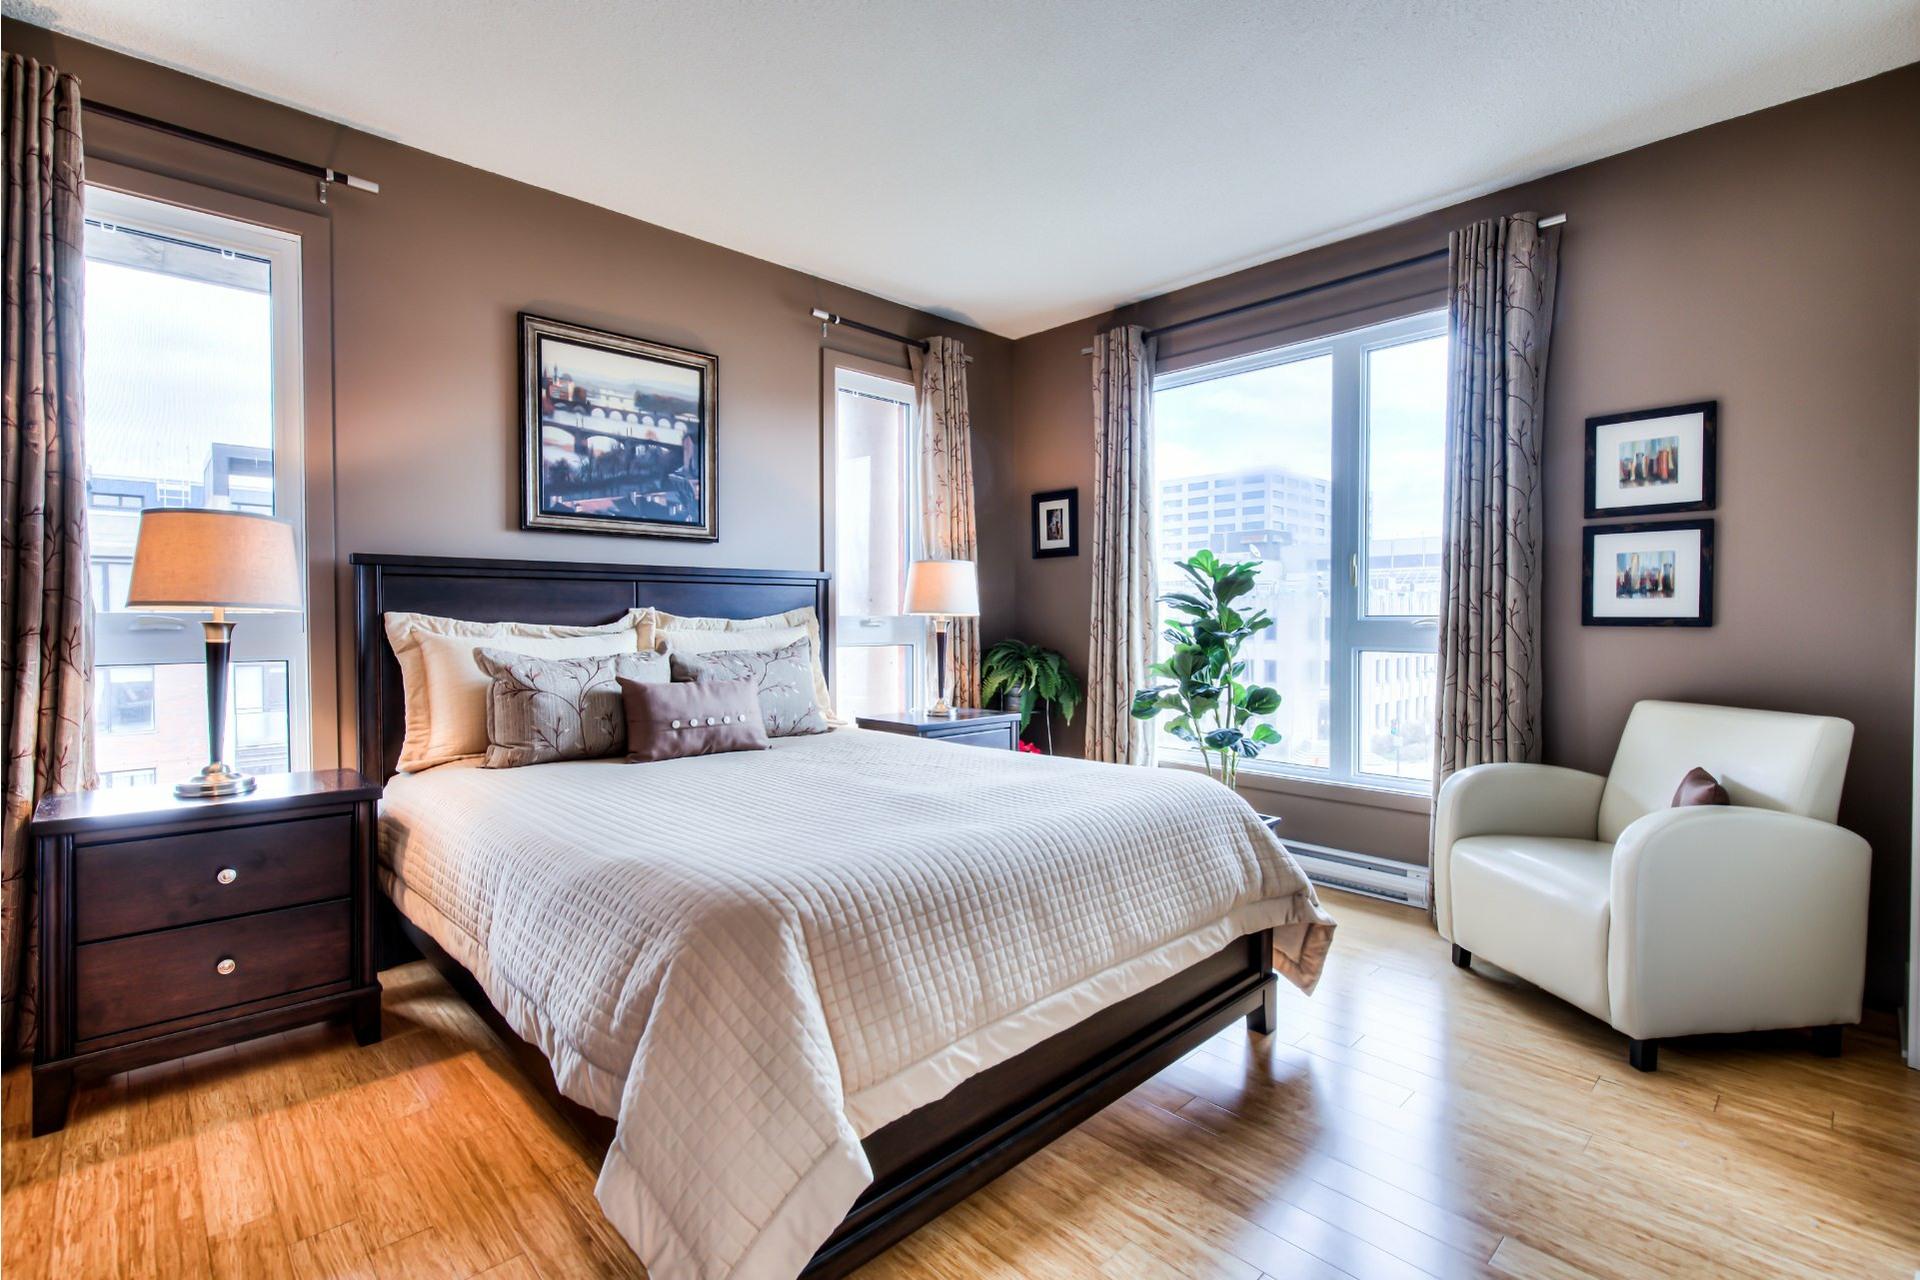 image 20 - Appartement À vendre Ville-Marie Montréal  - 7 pièces